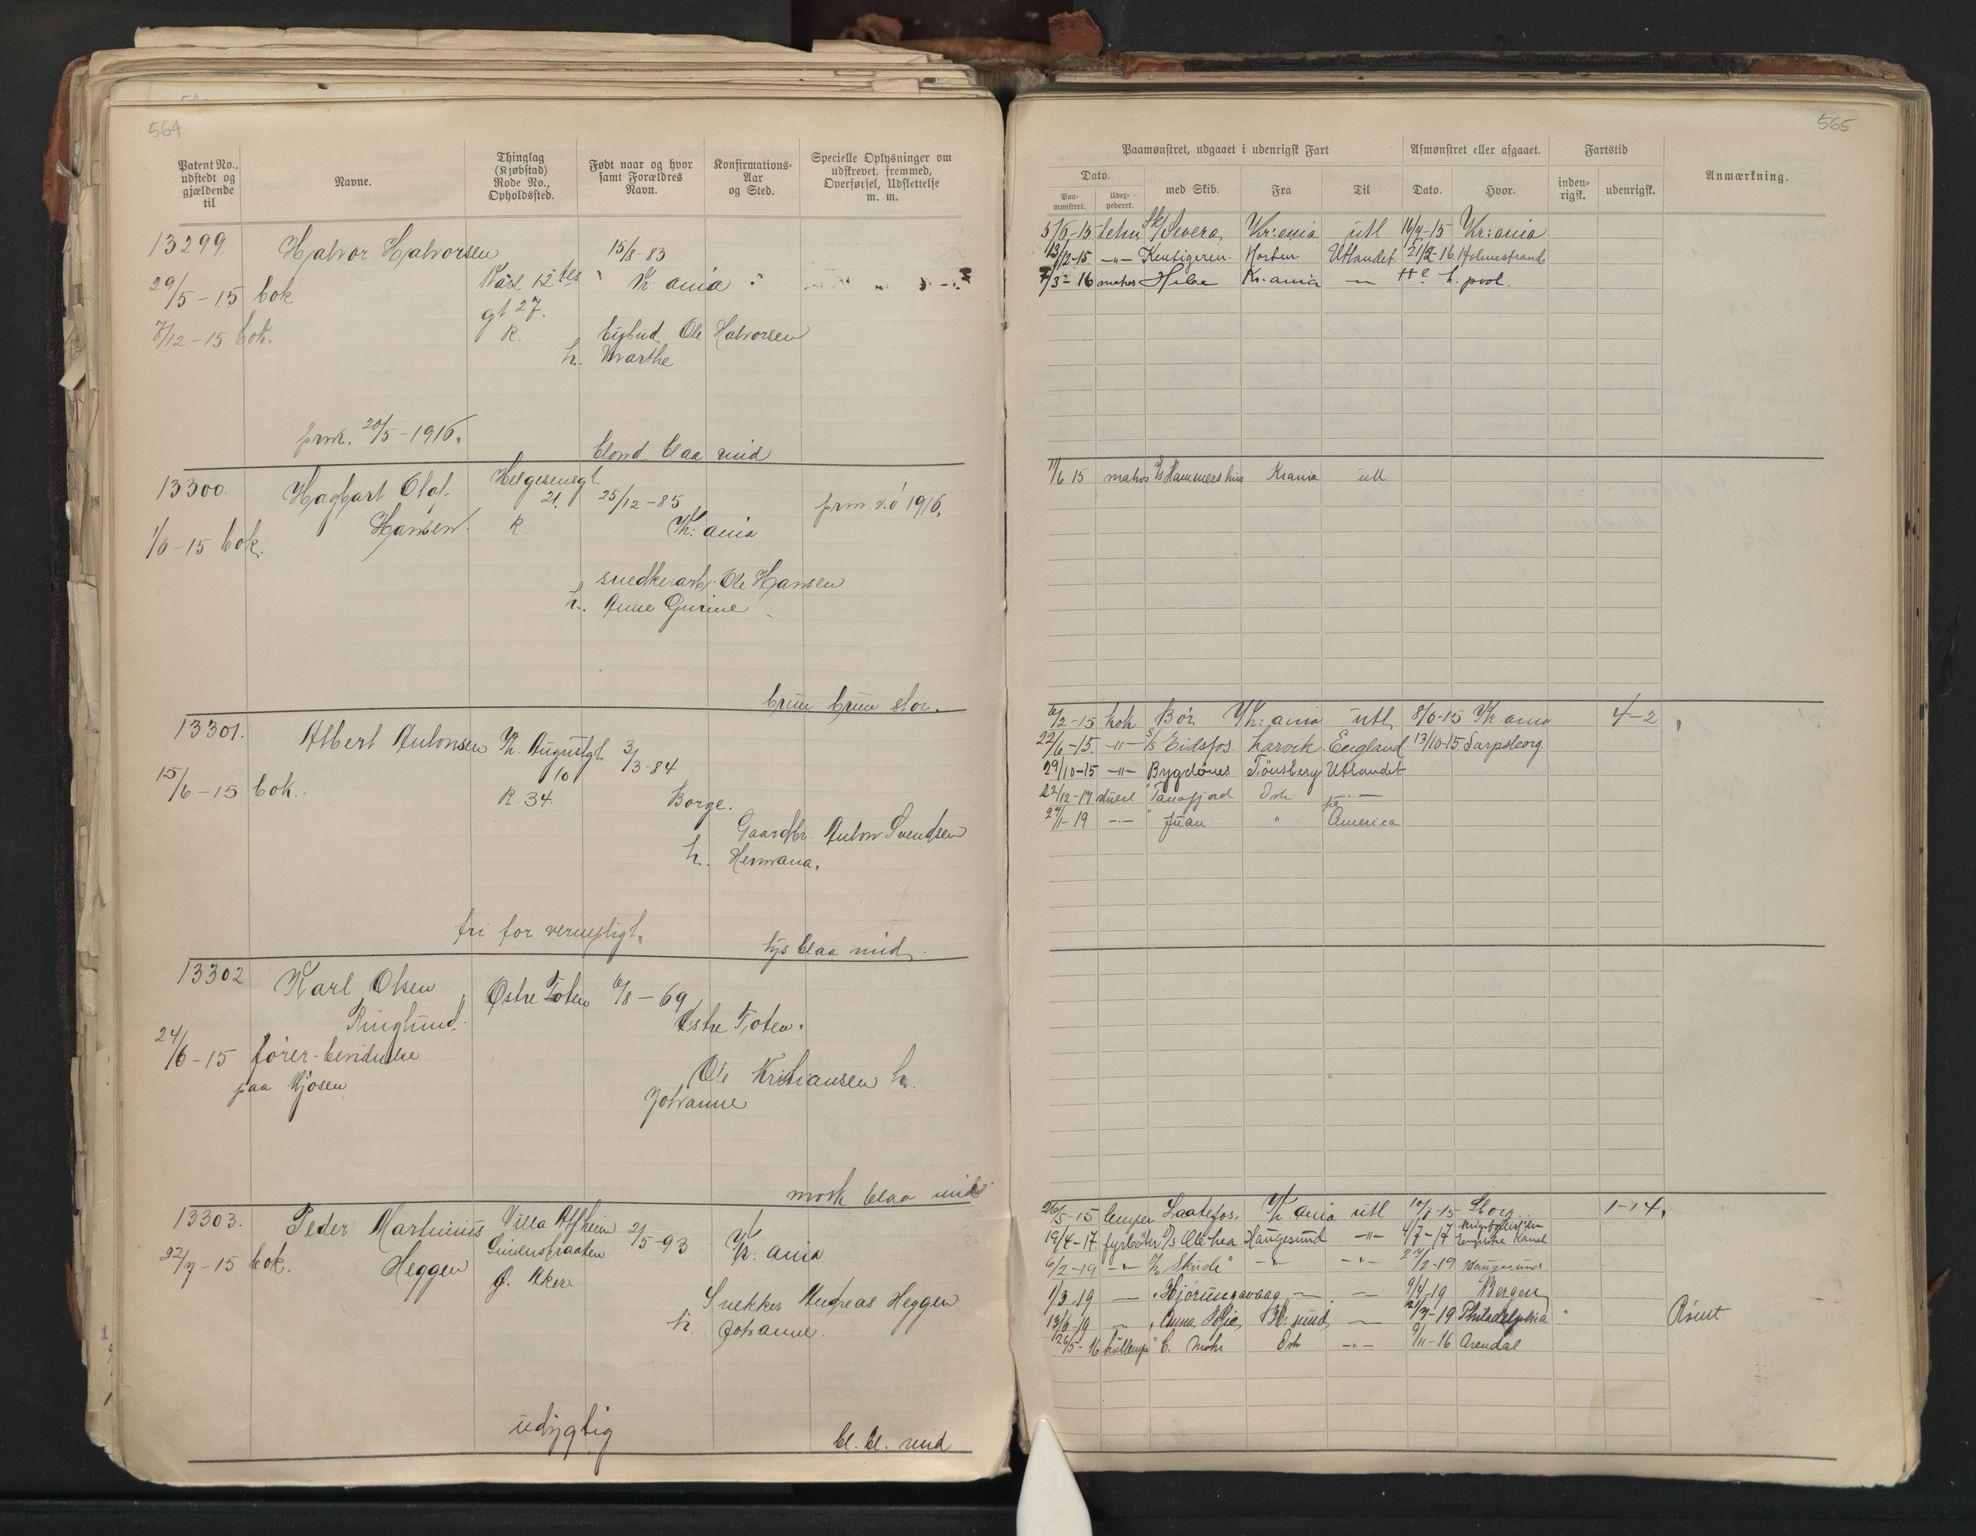 SAO, Oslo sjømannskontor, F/Fb/L0001: Annotasjonsrulle, 1908-1938, s. 564-565